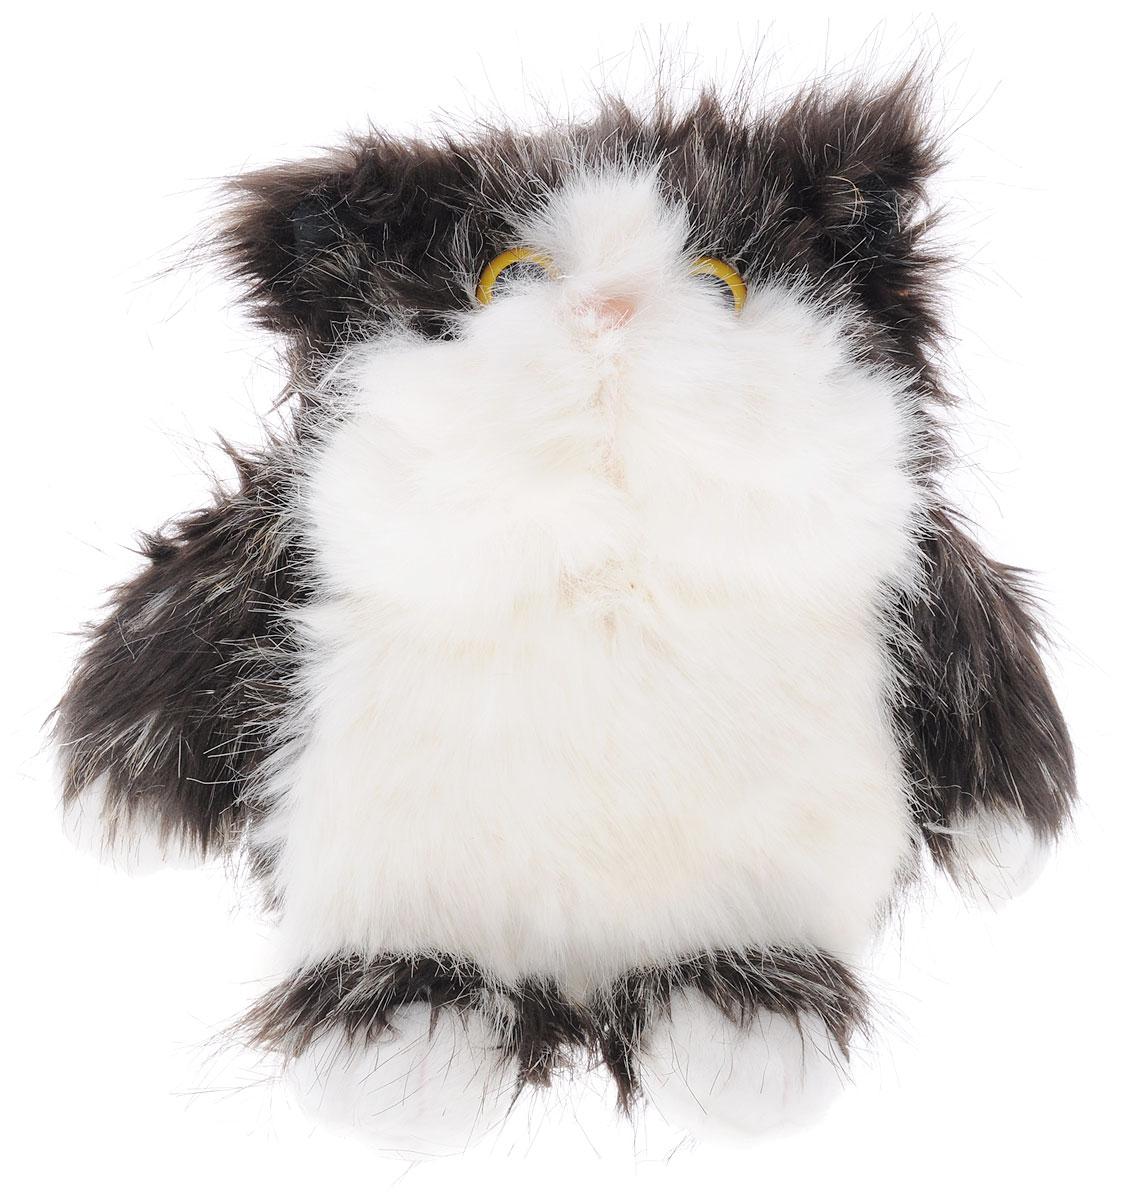 Plush Apple Мягкая игрушка Кот Пушистик 23 смK33055AОзорная мягкая игрушка Plush Apple Кот Пушистик непременно вызовет улыбку у детей и взрослых. Она изготовлена приятных на ощупь и очень мягких материалов, безопасных для малыша. Выполнена игрушка в виде прелестного кота с пластиковыми глазками. Кот может составить компанию и дома, и на прогулке, и даже в постели, когда ребенок ложится спать. Игрушка способствует развитию воображения и тактильной чувствительности у детей.